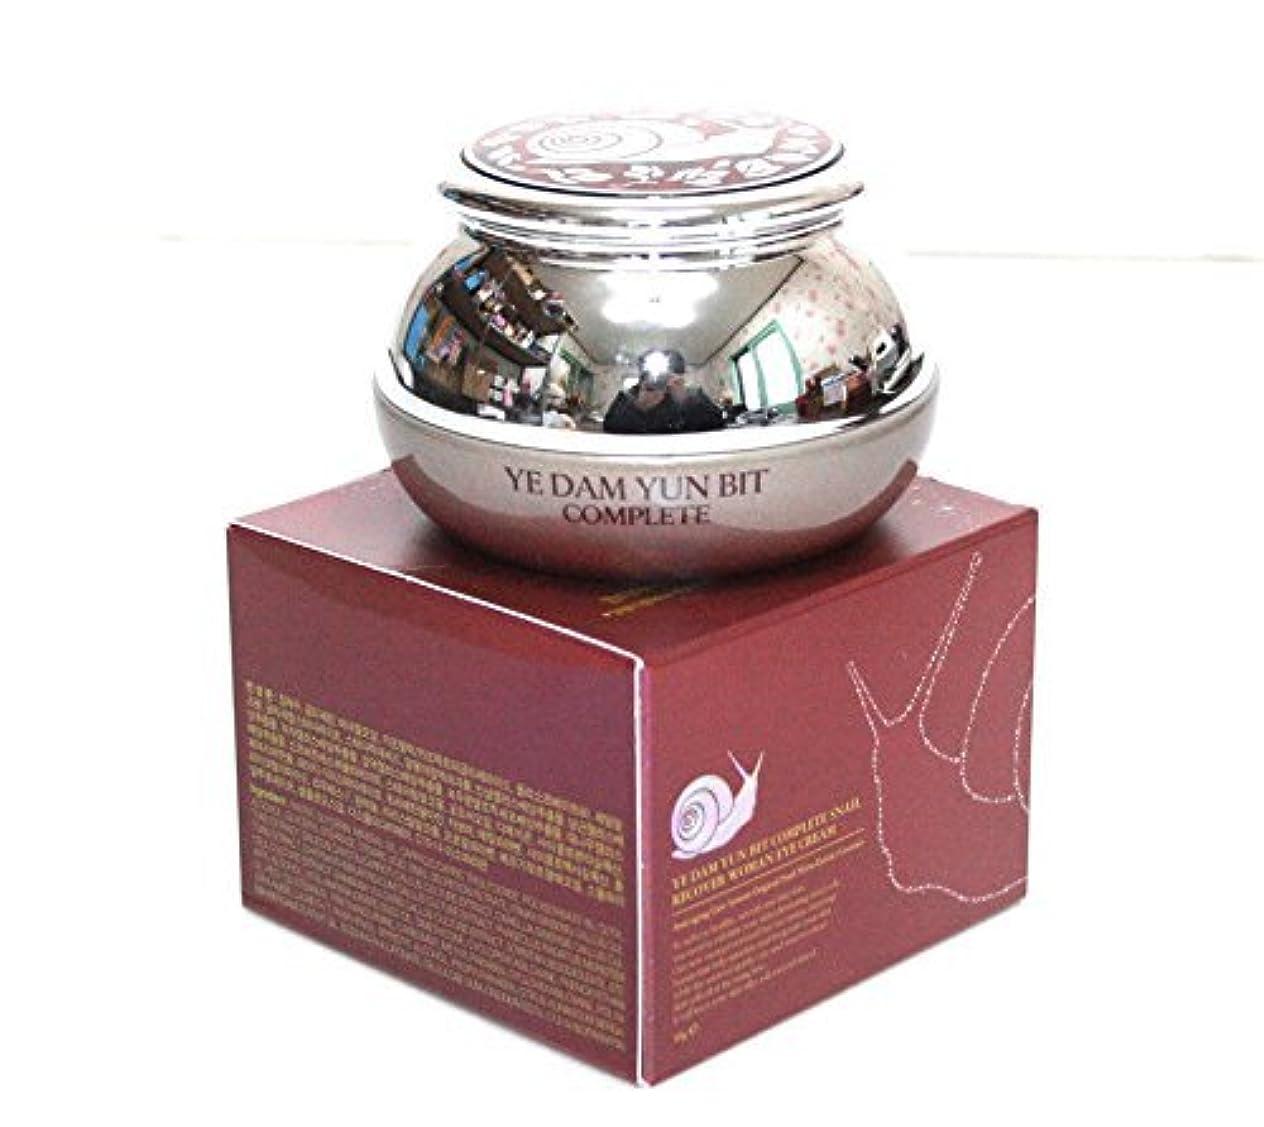 依存するナットに賛成[YEDAM YUN BIT] スキンが完成カタツムリ回復女性のアイクリーム50ml/韓国の化粧品/COMPLETE Skin Snail Recover Woman Eye Cream 50ml/Korean cosmetics...